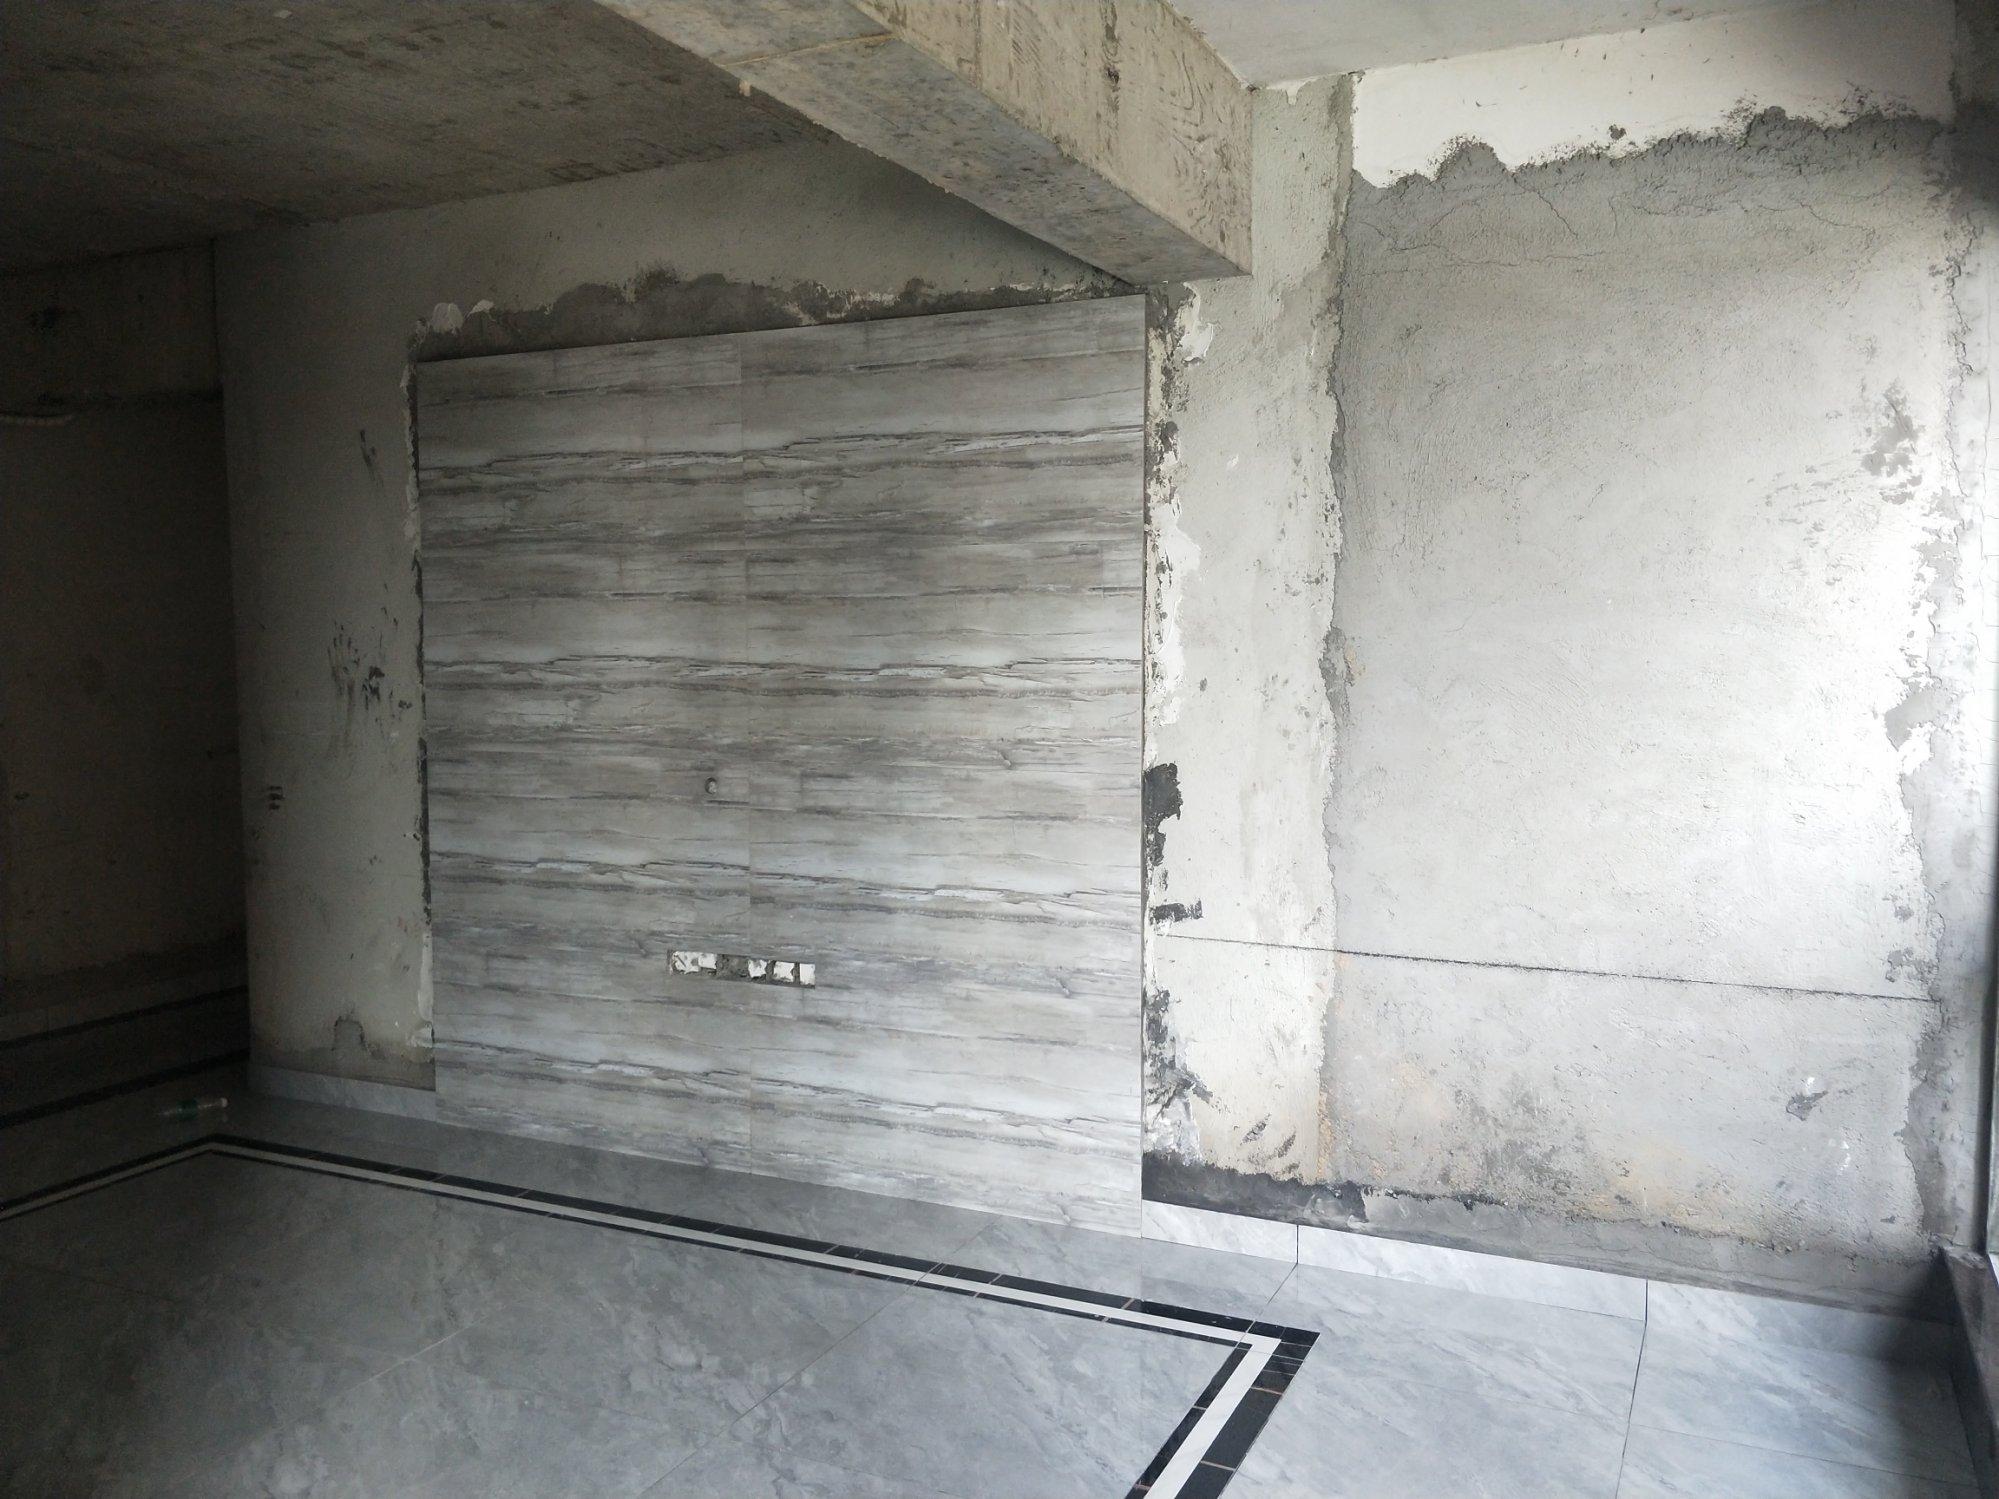 请大神们知道一下这电视墙该如何抢救一下,左侧88厘米右侧182厘米